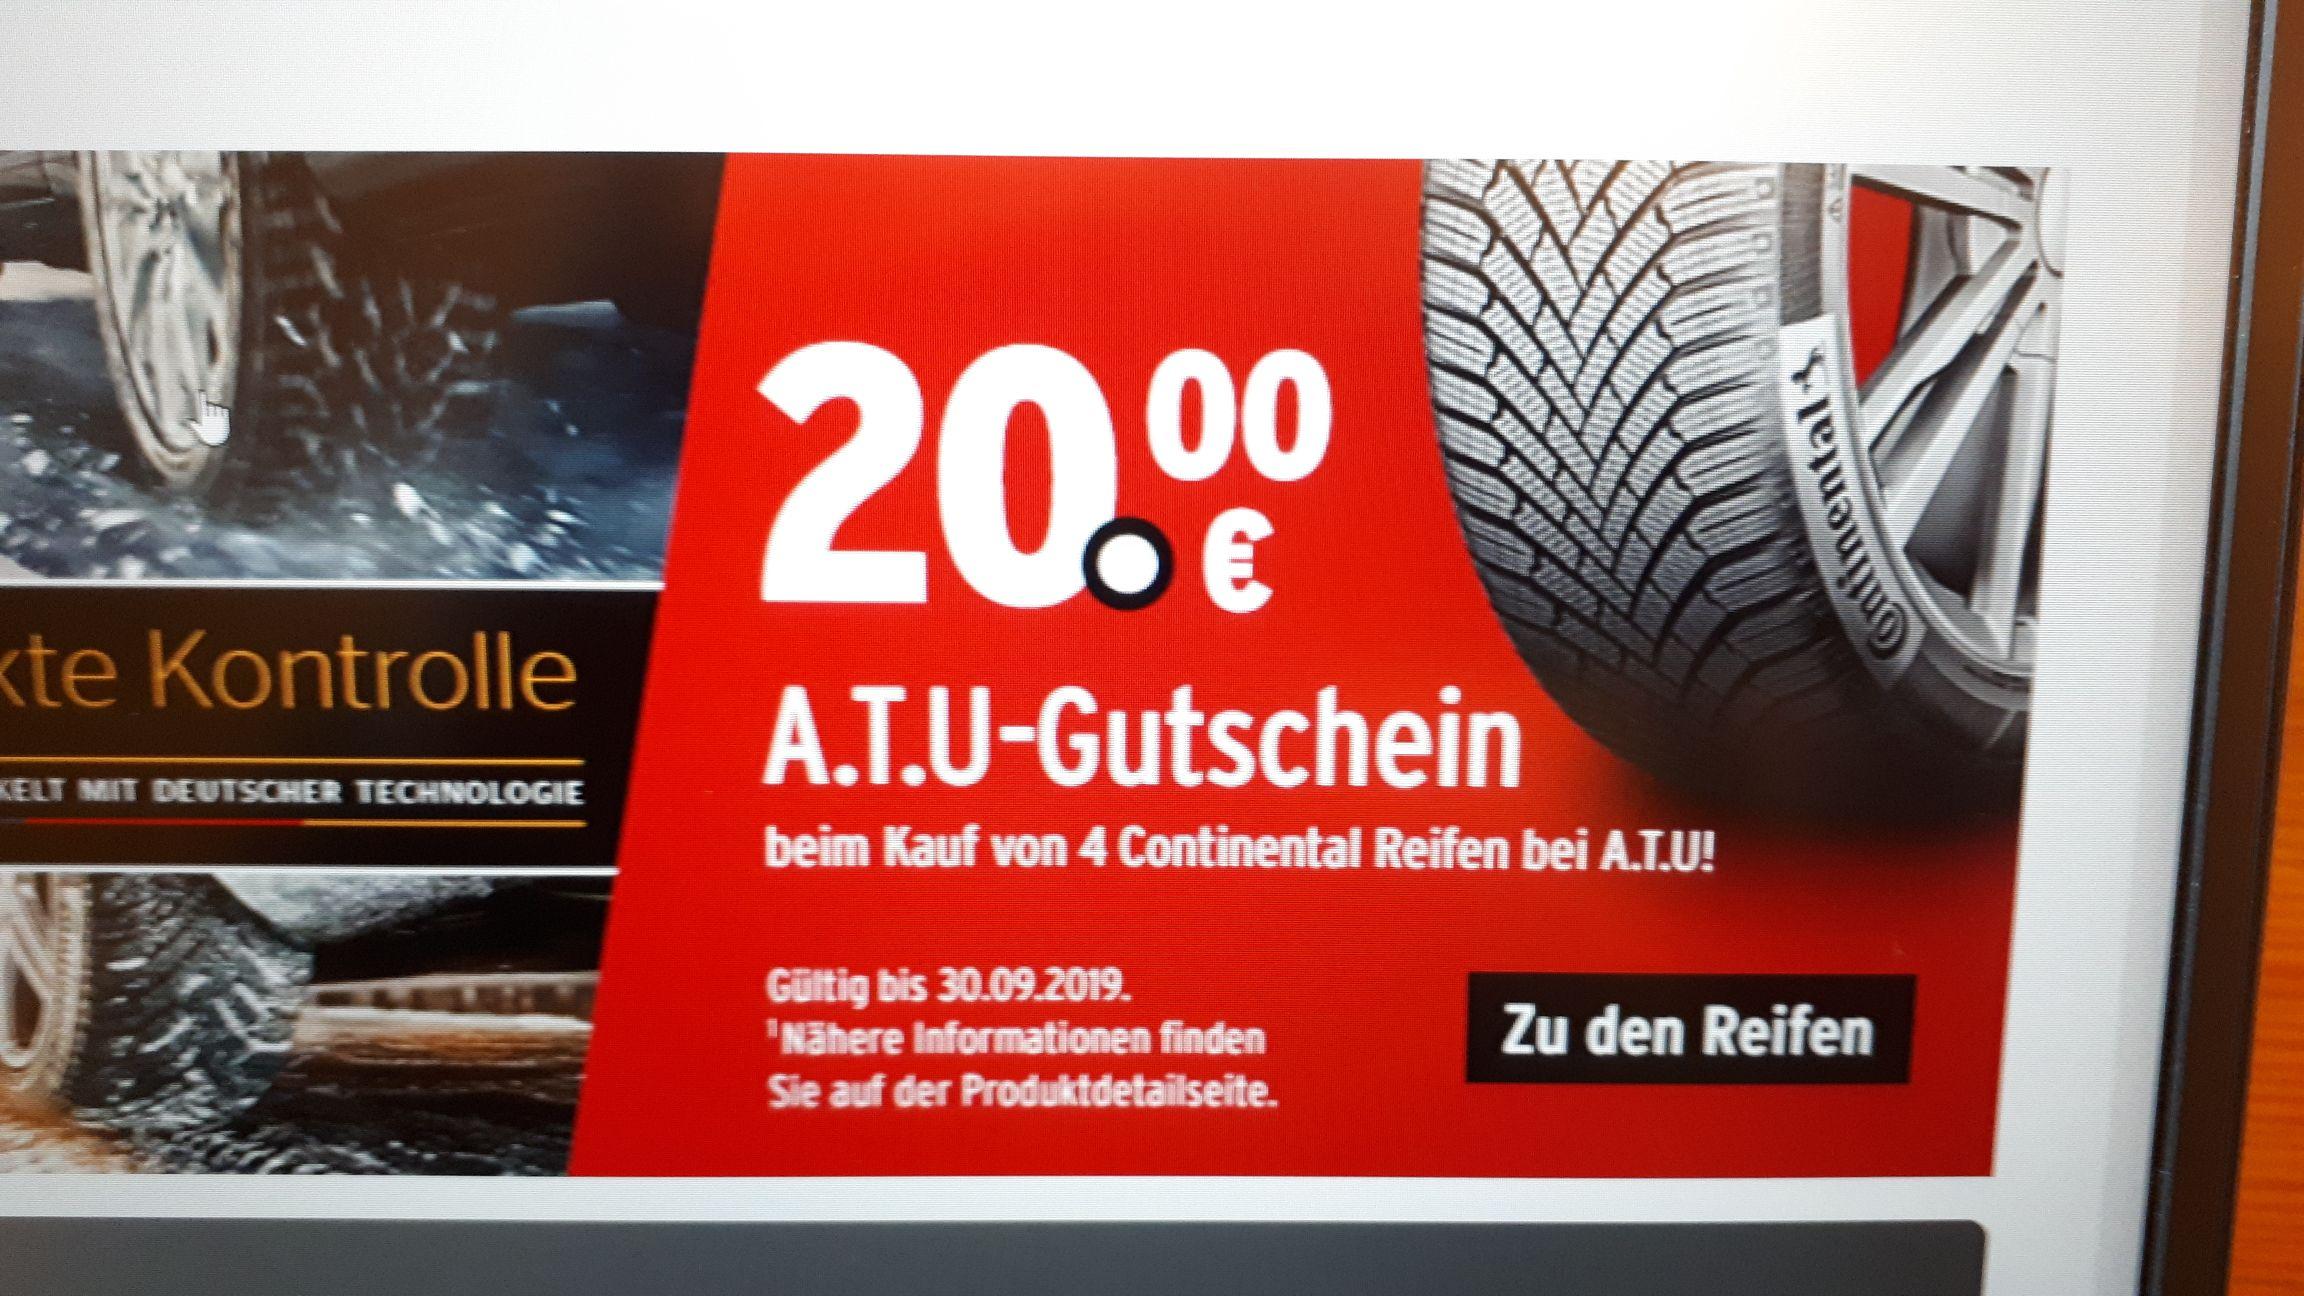 [A.T.U.] Gutschein über 20,- € beim Kauf von 4 Continental-Reifen